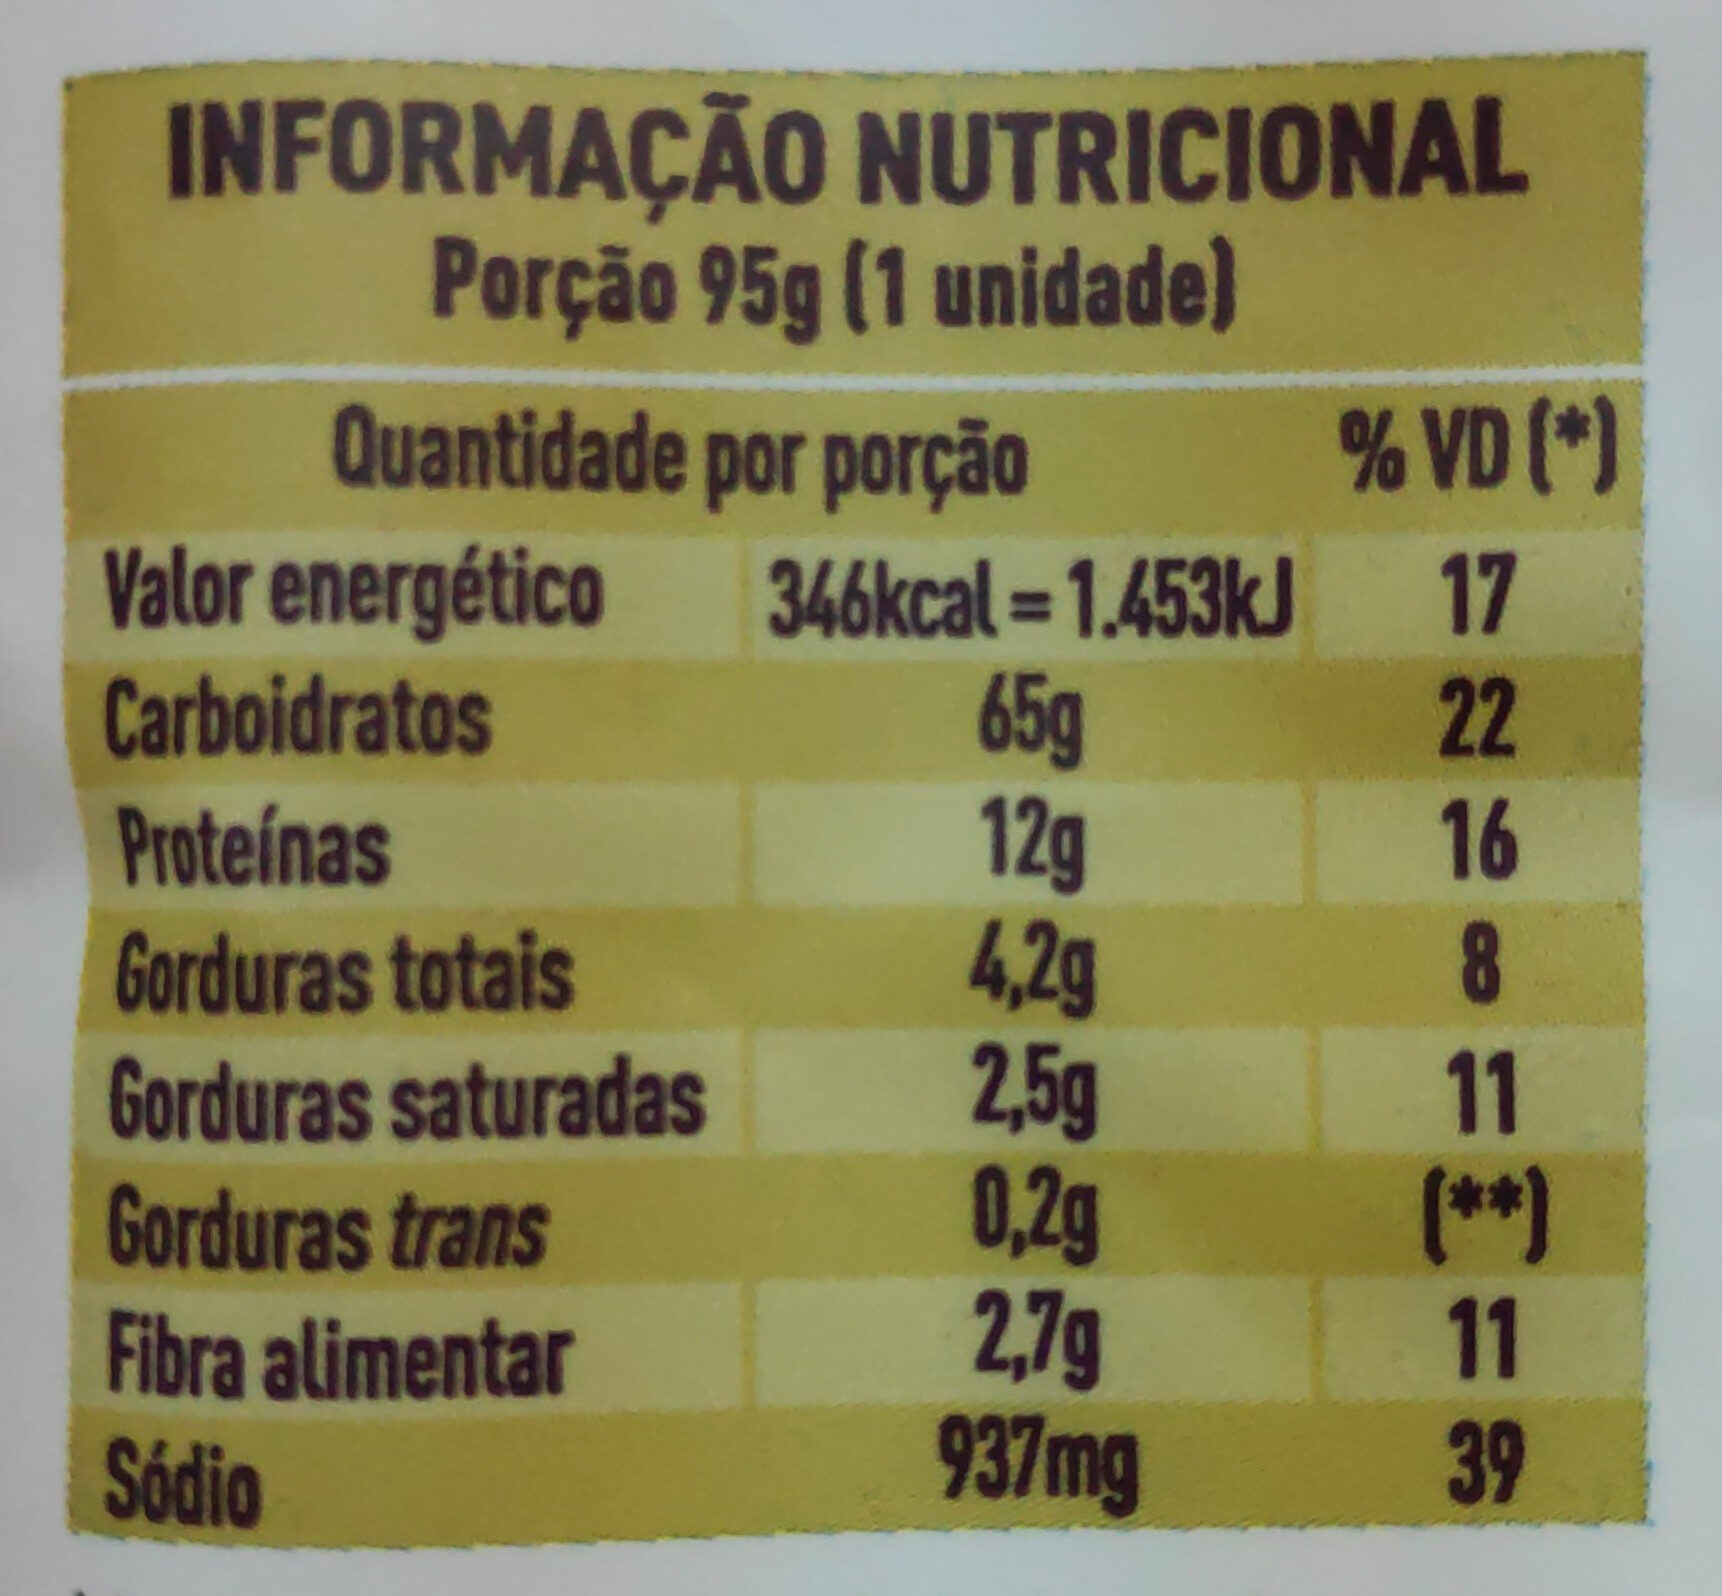 Macarrão com queijo tipo MAC & CHEESE sabor Cheddar e Bacon - Informação nutricional - pt